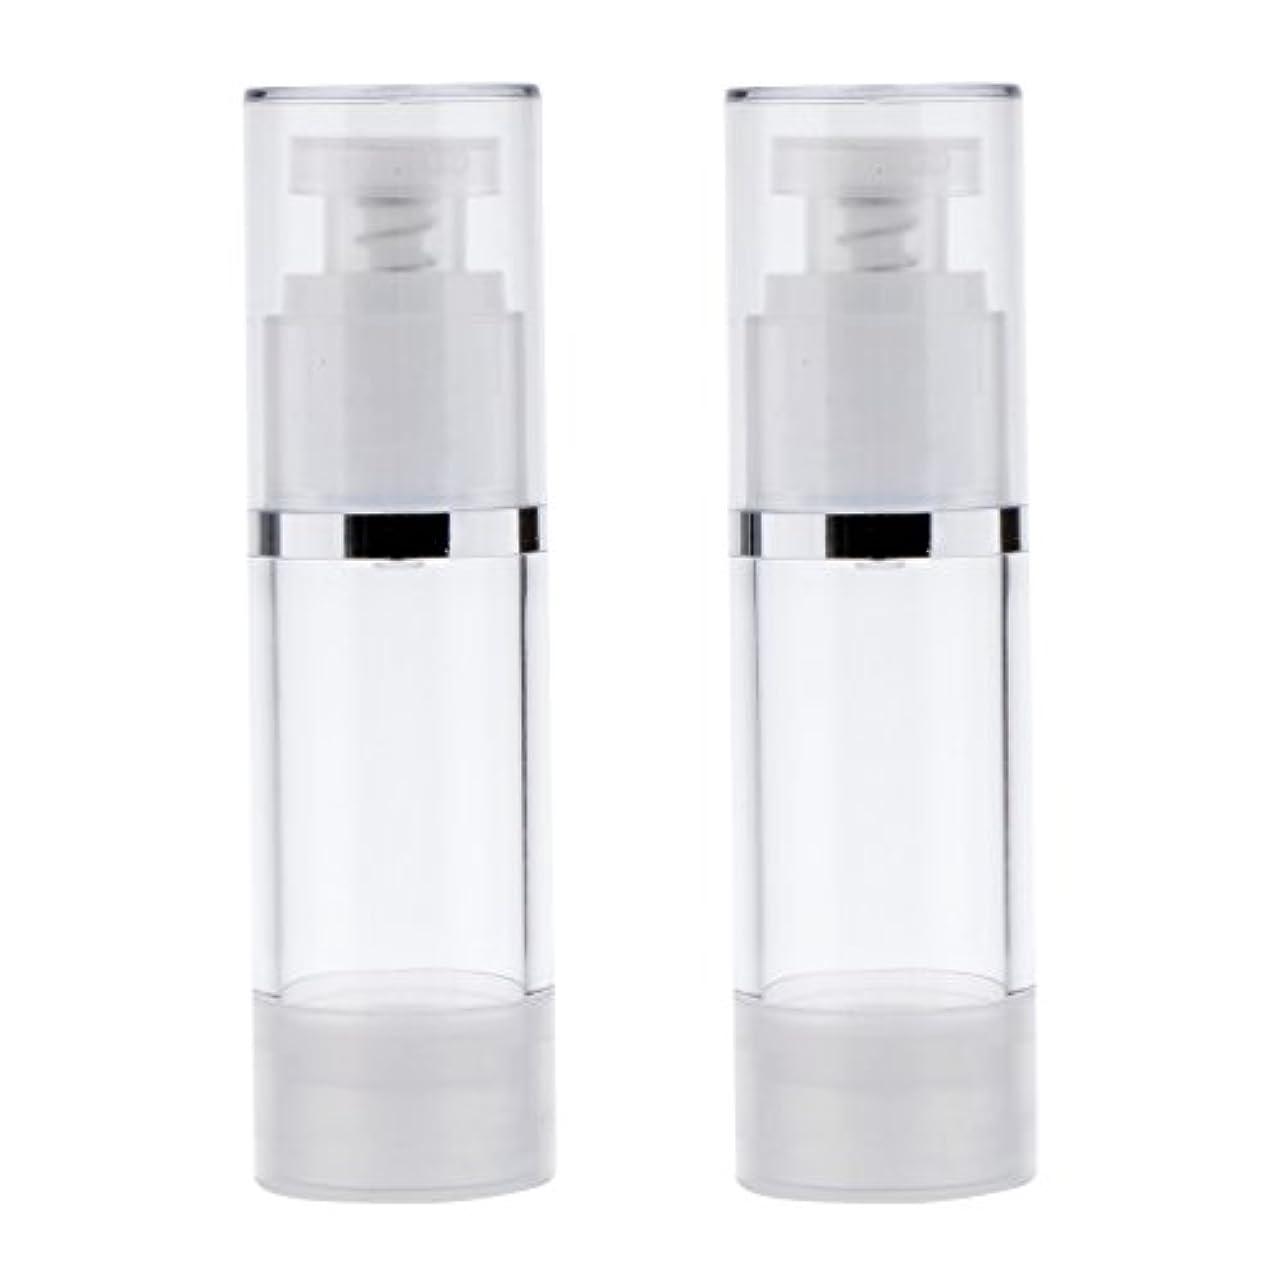 効果的呼ぶ統治可能Perfk 2個 ポンプボトル ポンプチューブ エアレスボトル ディスペンサー コスメ 詰替えボトル 旅行小物 出張 3サイズ選べる - 30ml